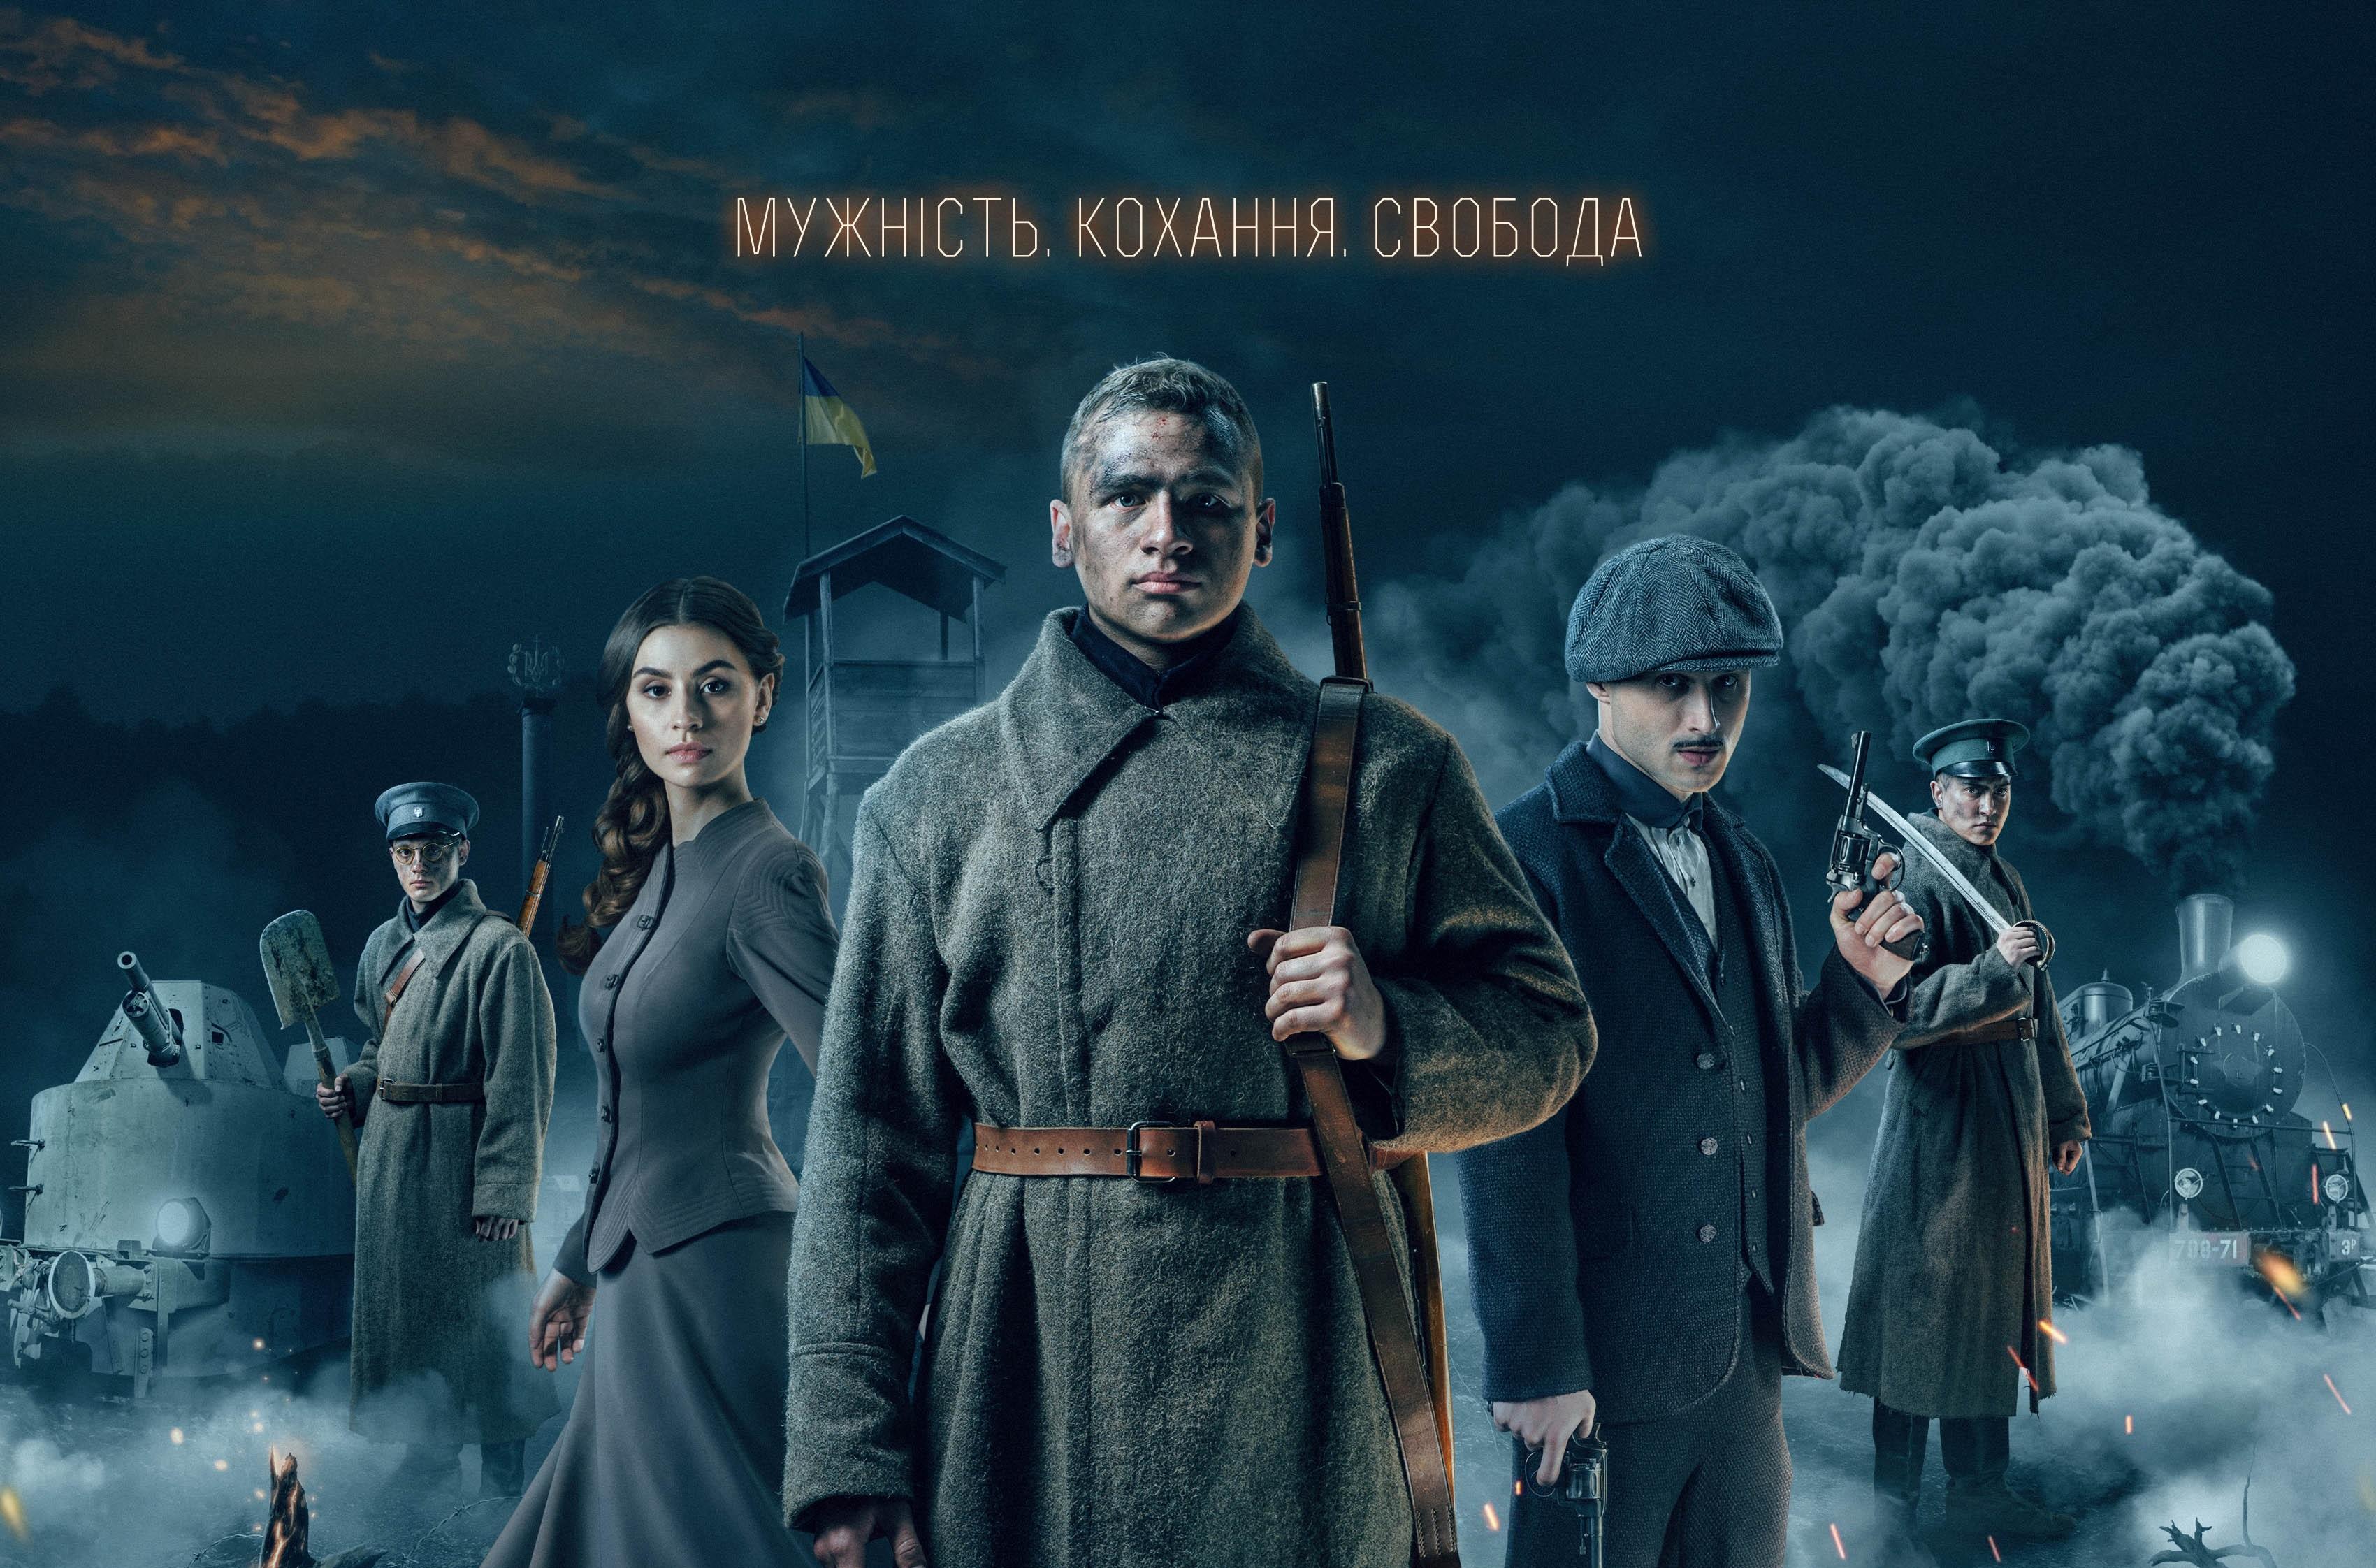 Дата премьеры фильма «Круты 1918» перенесена